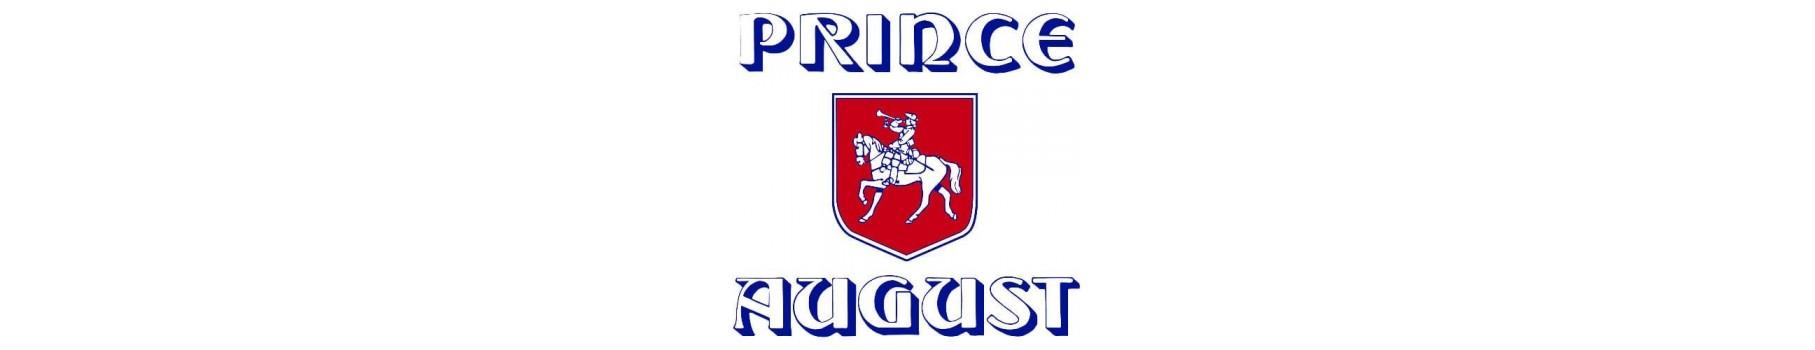 La gamme de peintures Prince August de votre Ludicaire Au Chapeau Enchanté